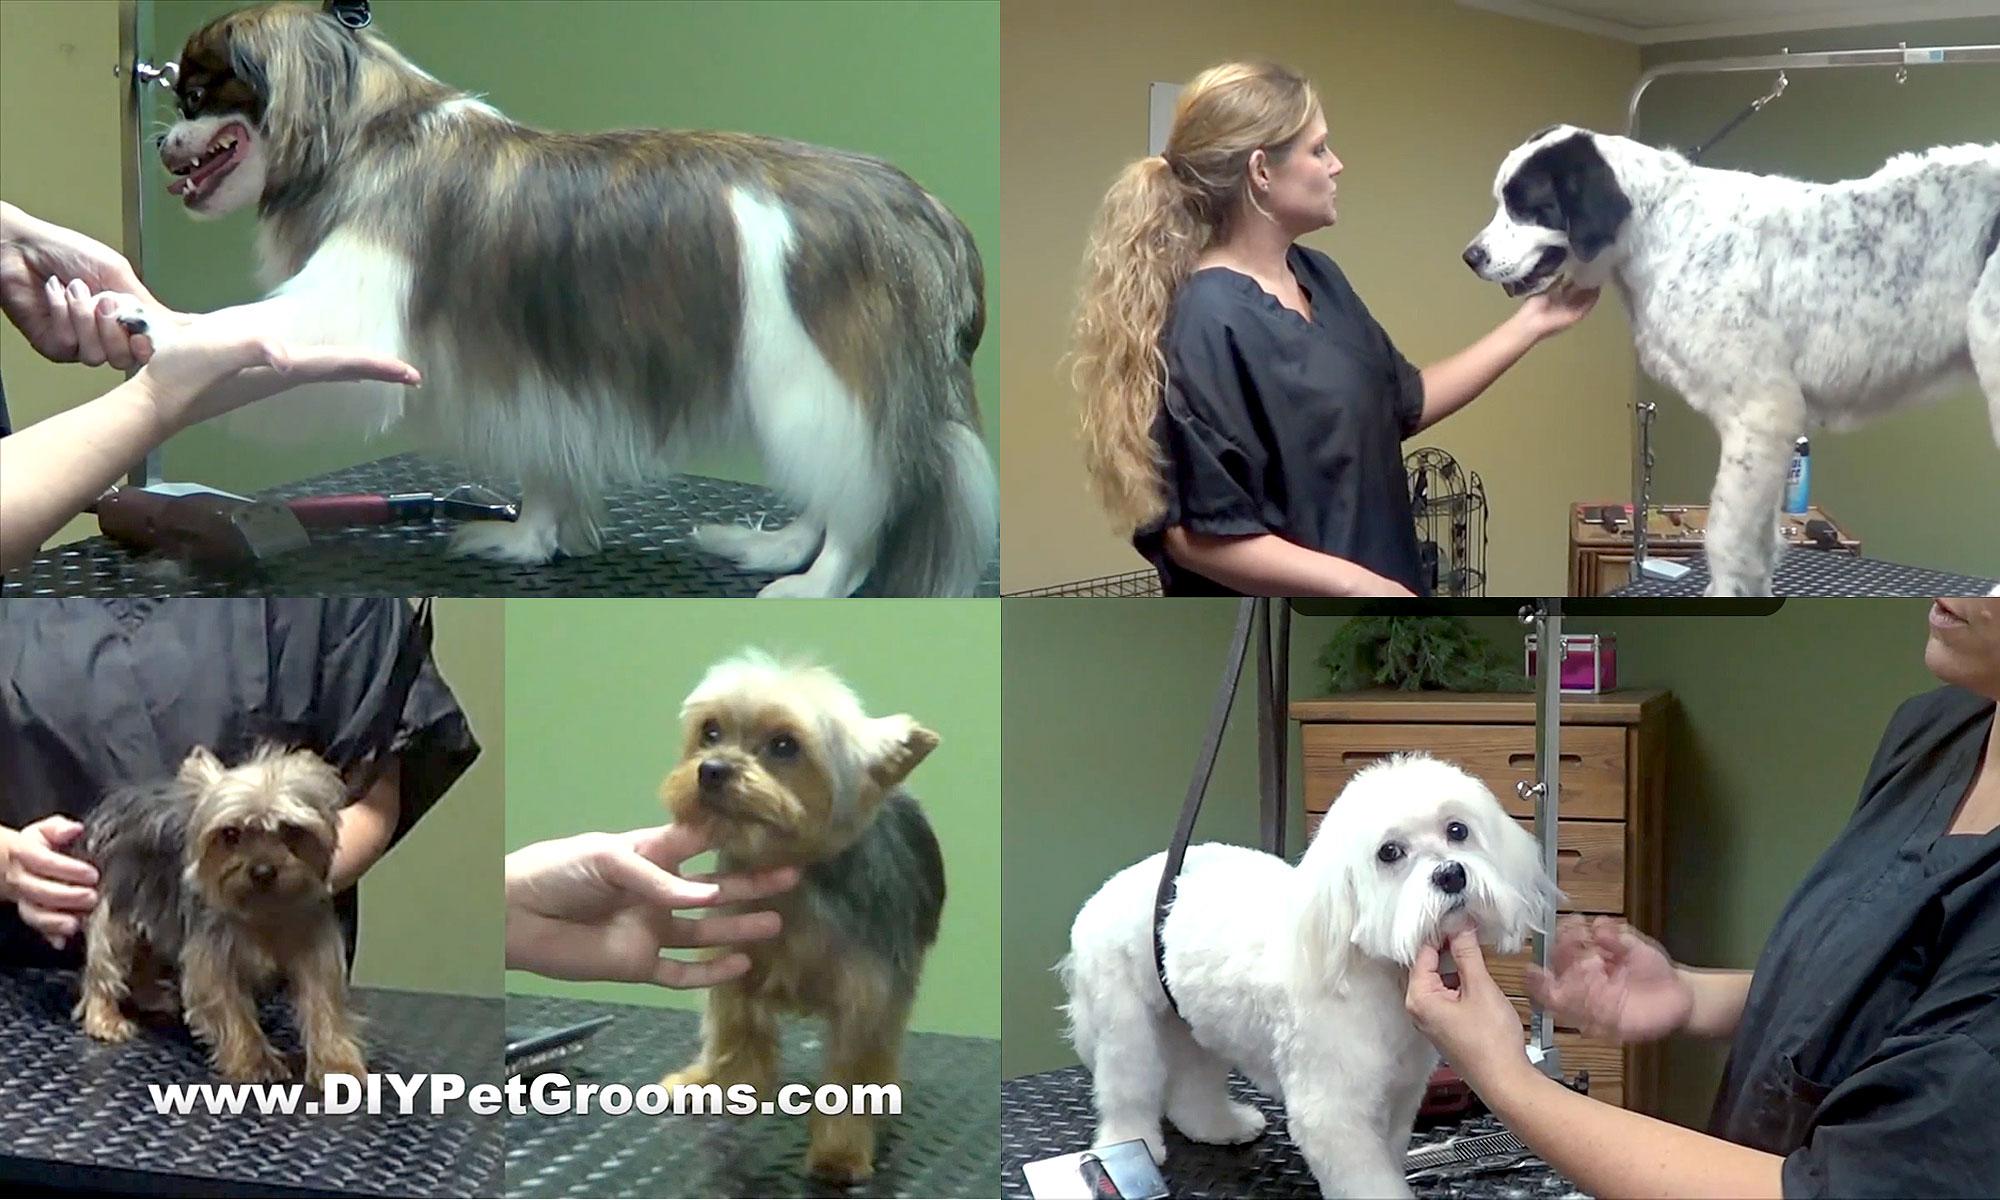 DIY Pet Grooms - dog grooming videos